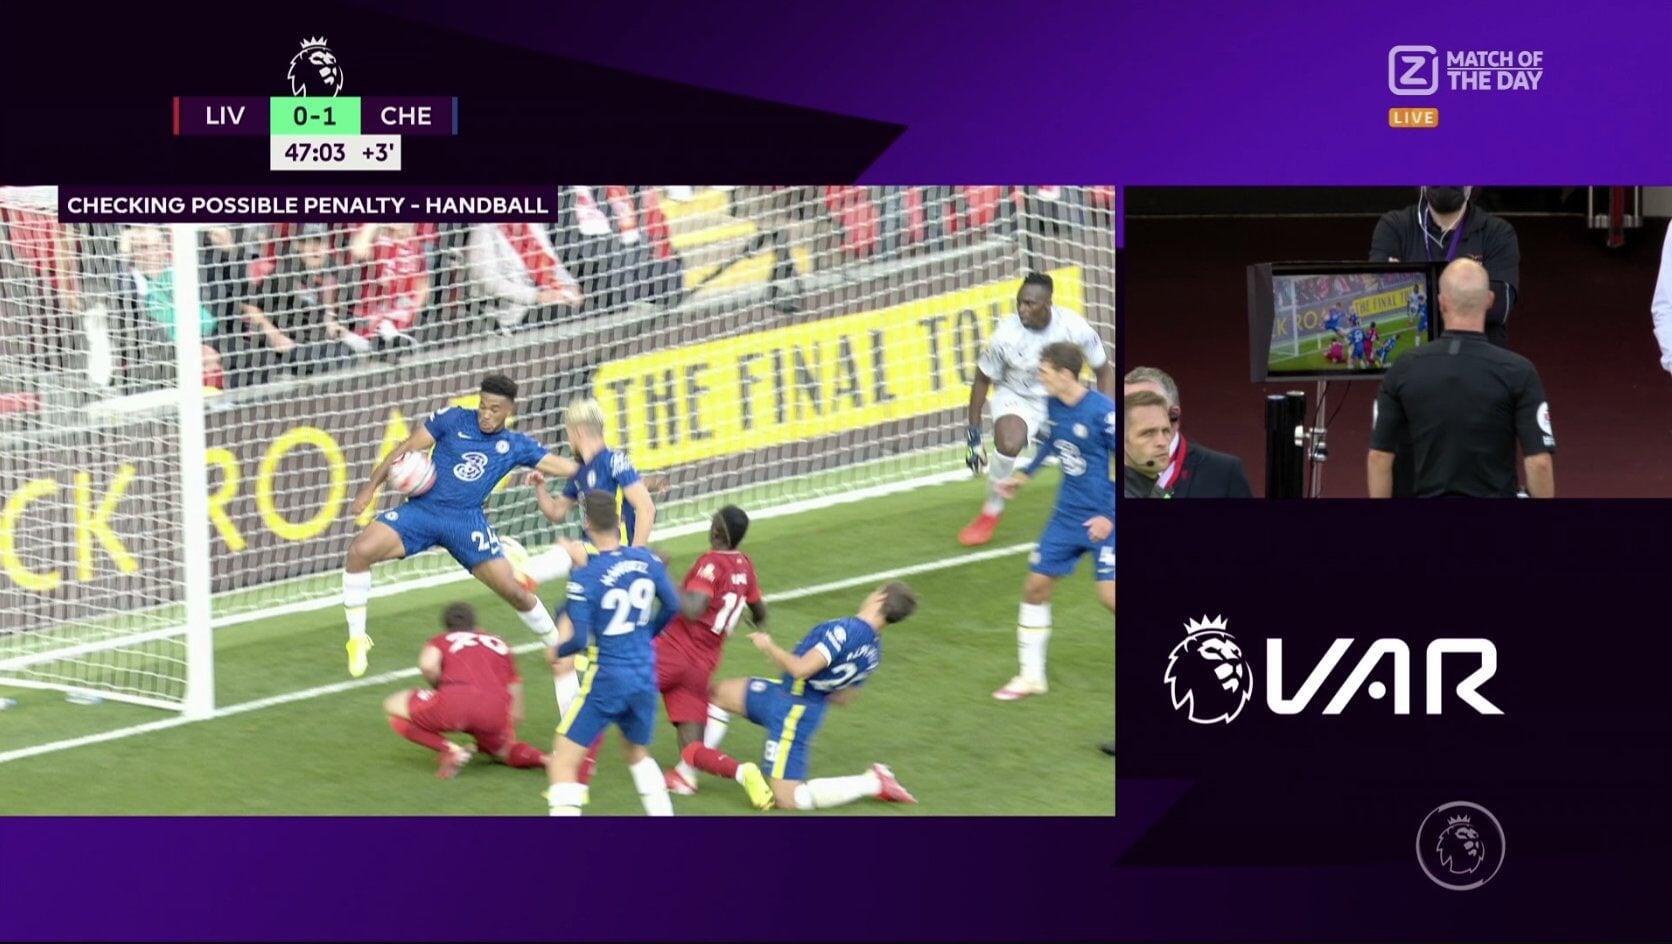 Судья удалил Джеймса за руку на линии ворот после ВАР в игре с «Ливерпулем». Пенальти в ворота «Челси» реализовал Салах